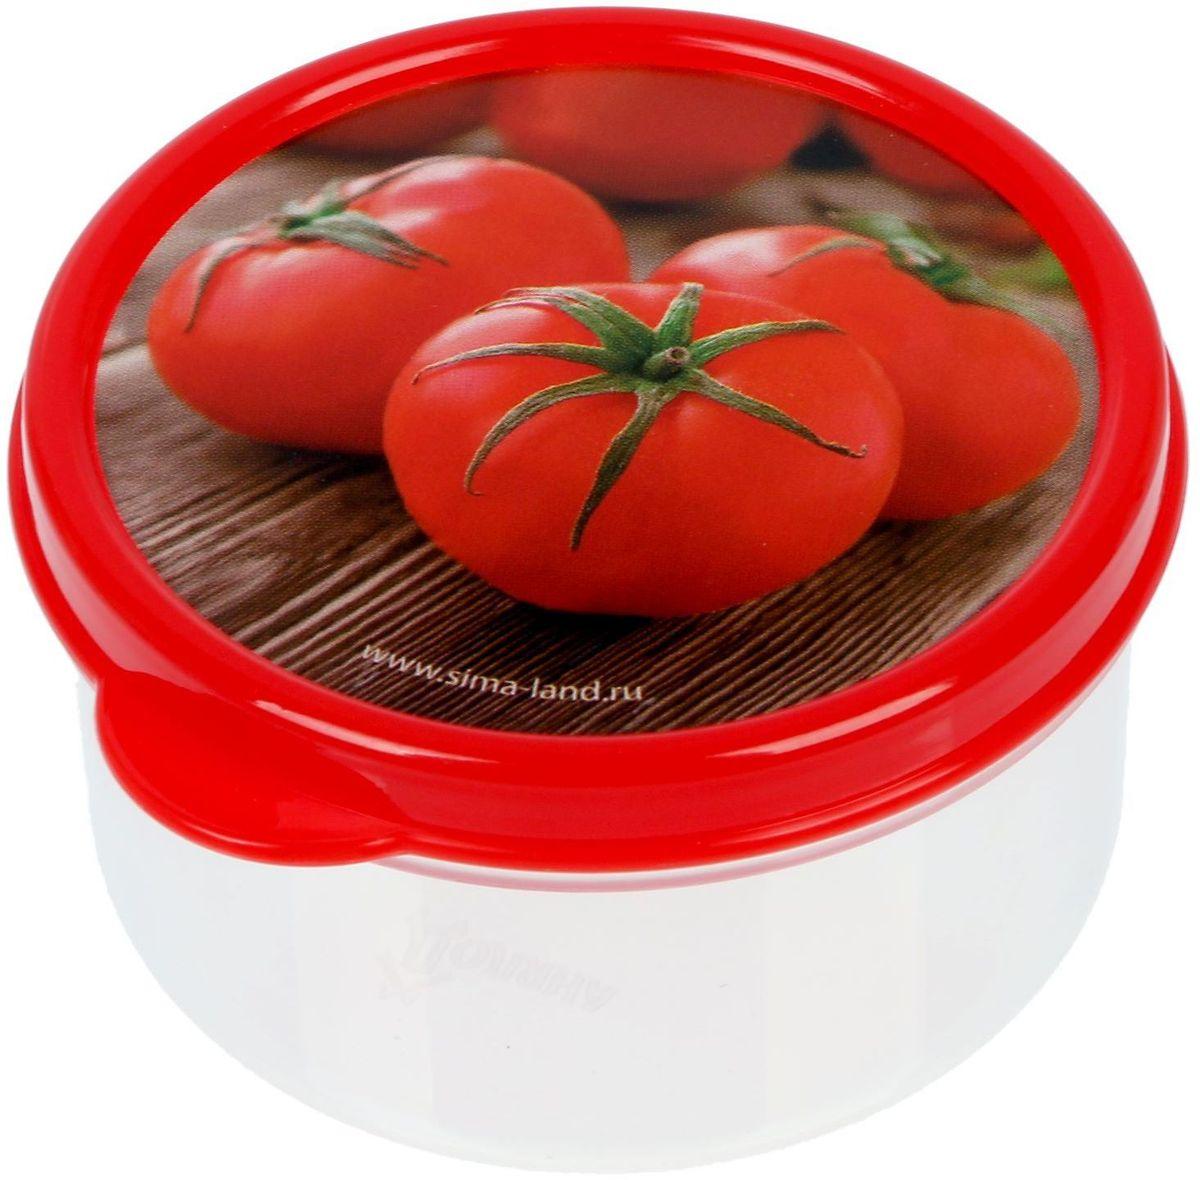 Ланч-бокс Доляна №2, круглый, 150 млVT-1520(SR)Если после вкусного обеда осталась еда, а насладиться трапезой хочется и на следующий день, ланч-бокс станет отличным решением данной проблемы!Такой контейнер является незаменимым предметом кухонной утвари, ведь у него много преимуществ:Простота ухода. Ланч-бокс достаточно промыть тёплой водой с небольшим количеством чистящего средства, и он снова готов к использованию.Вместительность. Большой выбор форм и объёма поможет разместить разнообразные продукты от сахара до супов.Эргономичность. Ланч-боксы очень легко хранить даже в самой маленькой кухне, так как их можно поставить один в другой по принципу матрёшки.Многофункциональность. Разнообразие цветов и форм делает возможным использование контейнеров не только на кухне, но и в других областях домашнего быта.Любители приготовления обеда на всю семью в большинстве случаев приобретают ланч-боксы наборами, так как это позволяет рассортировать продукты по всевозможным признакам. К тому же контейнеры среднего размера станут незаменимыми помощниками на работе: ведь что может быть приятнее, чем порадовать себя во время обеда прекрасной едой, заботливо сохранённой в контейнере?В качестве материала для изготовления используется пластик, что делает процесс ухода за контейнером ещё более эффективным. К каждому ланч-боксу в комплекте также прилагается крышка подходящего размера, это позволяет плотно и надёжно удерживать запах еды и упрощает процесс транспортировки.Однако рекомендуется соблюдать и меры предосторожности: не использовать пластиковые контейнеры в духовых шкафах и на открытом огне, а также не разогревать в микроволновых печах при закрытой крышке ланч-бокса. Соблюдение мер безопасности позволит продлить срок эксплуатации и сохранить отличный внешний вид изделия.Эргономичный дизайн и многофункциональность таких контейнеров — вот, что является причиной большой популярности данного предмета у каждой хозяйки. А в преддверии лета и дачного сезона такое приобретение позволит по